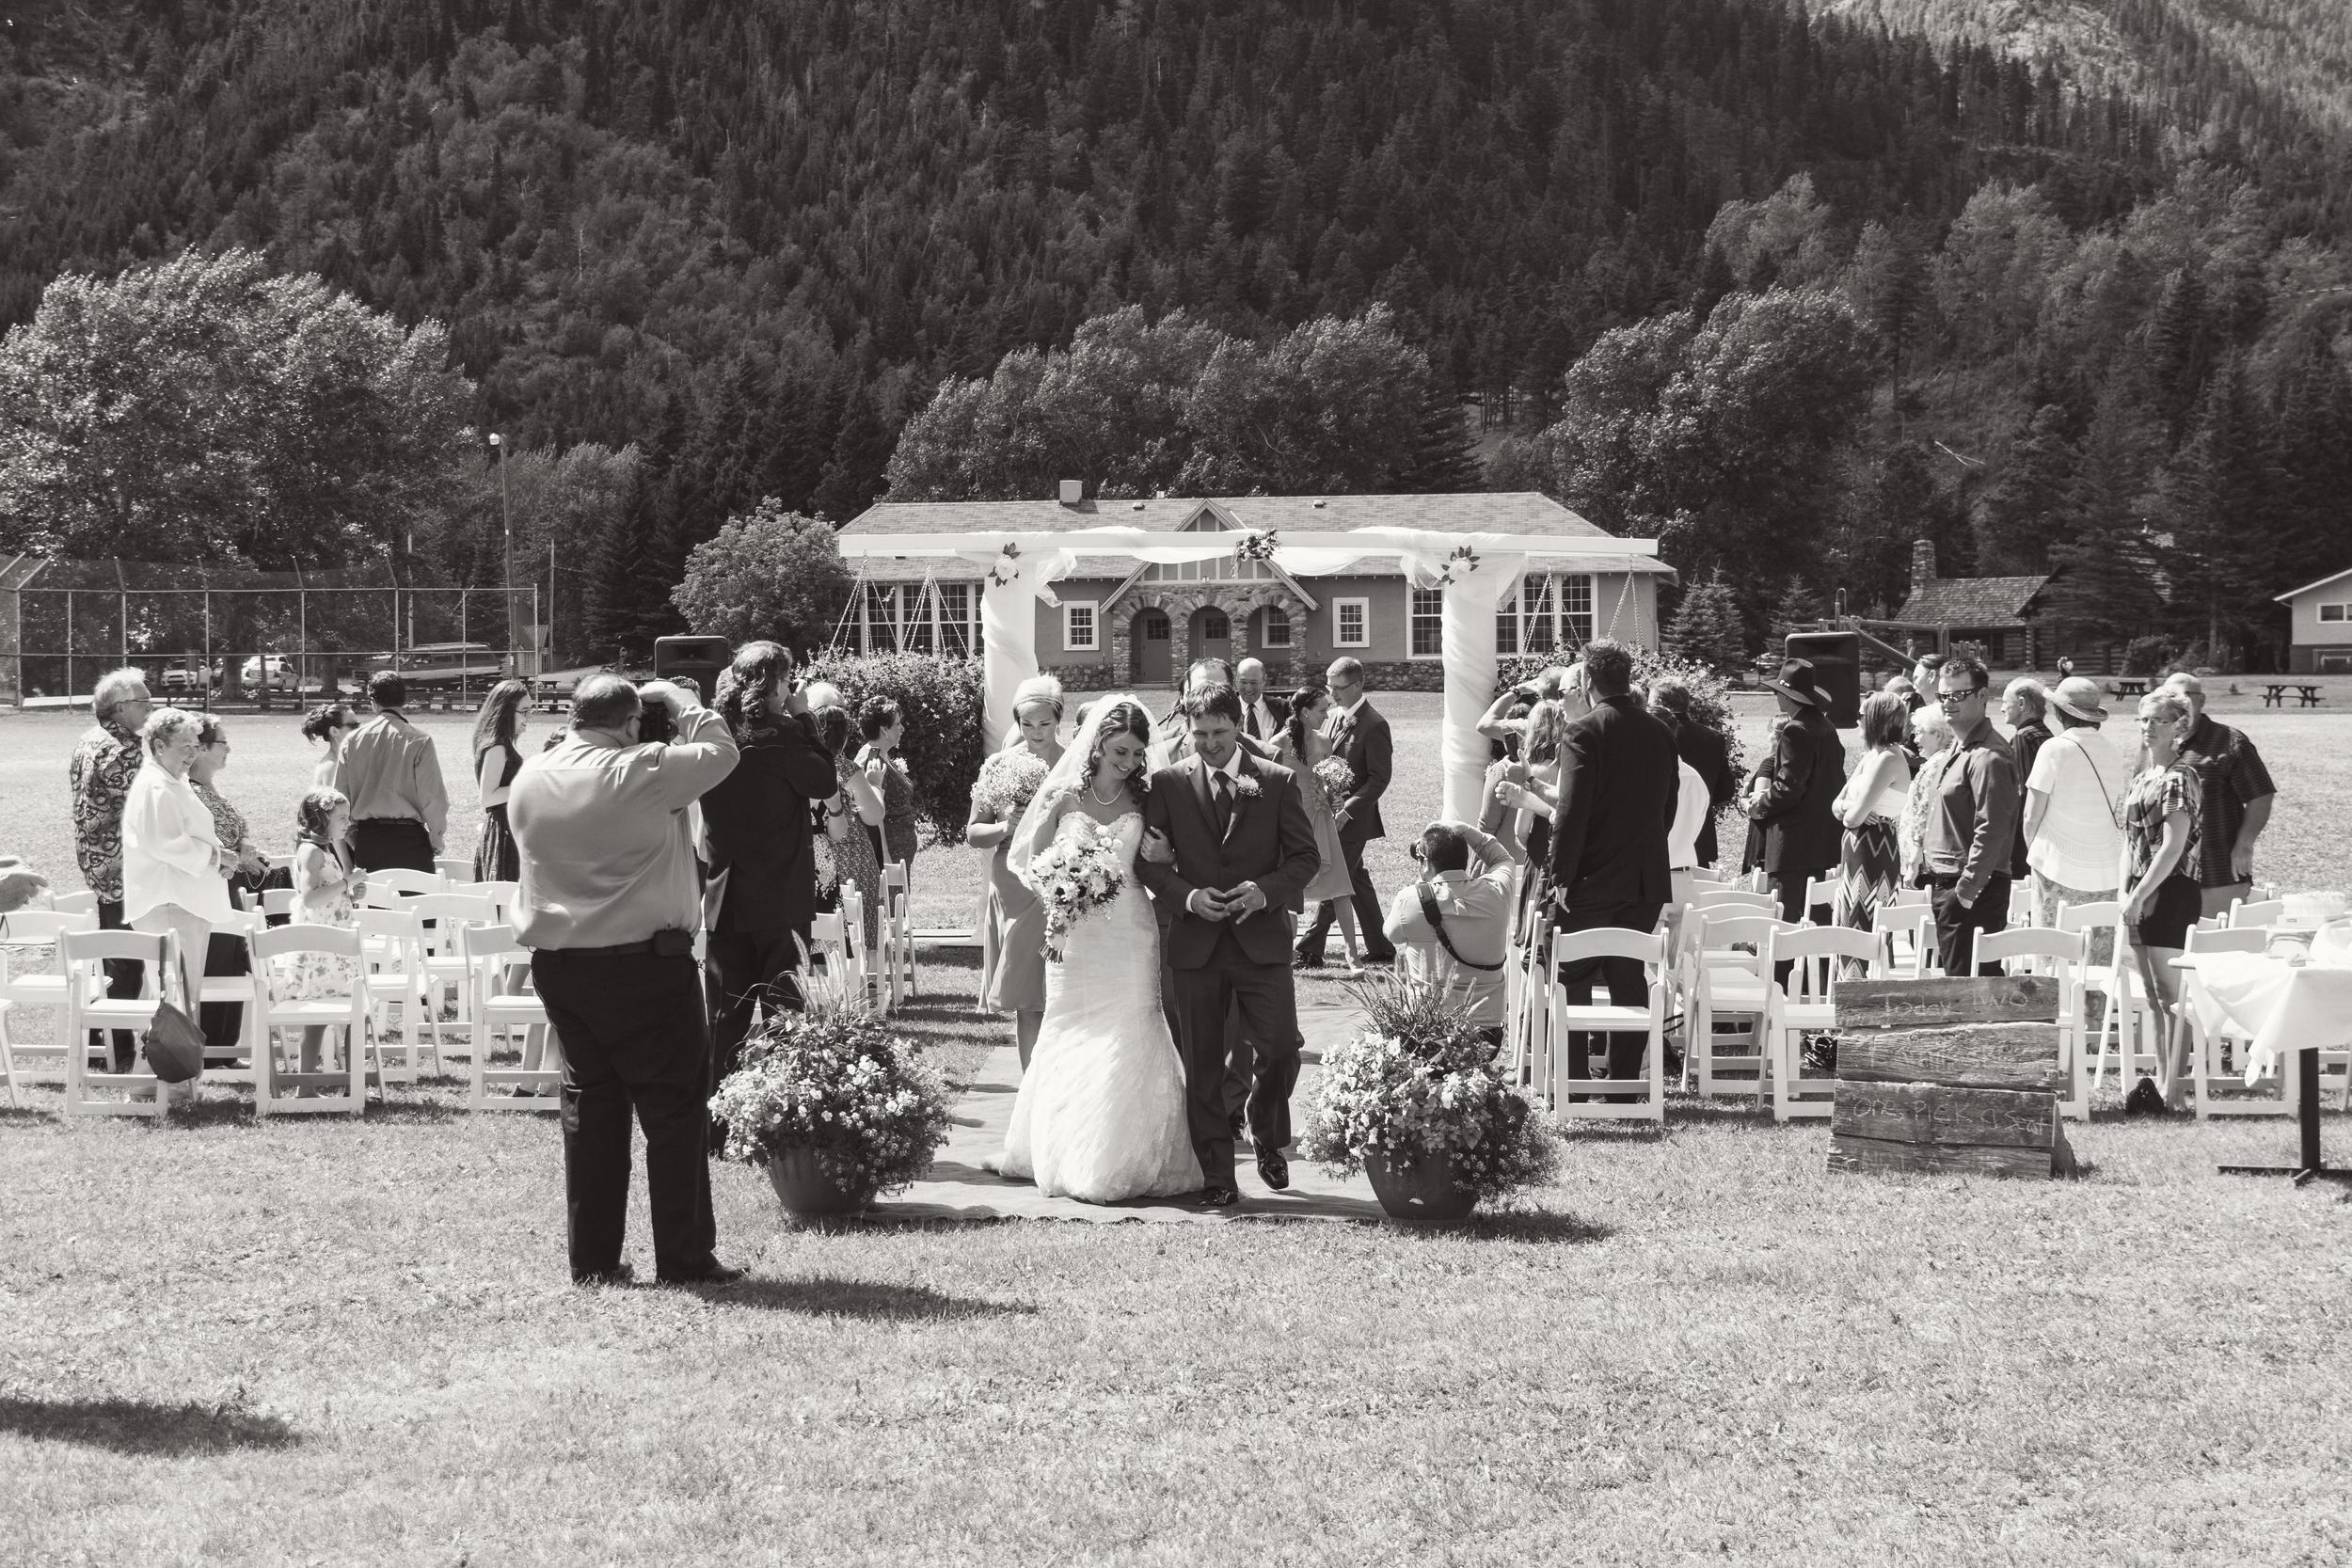 TJ_Wedding_237_bw.jpg